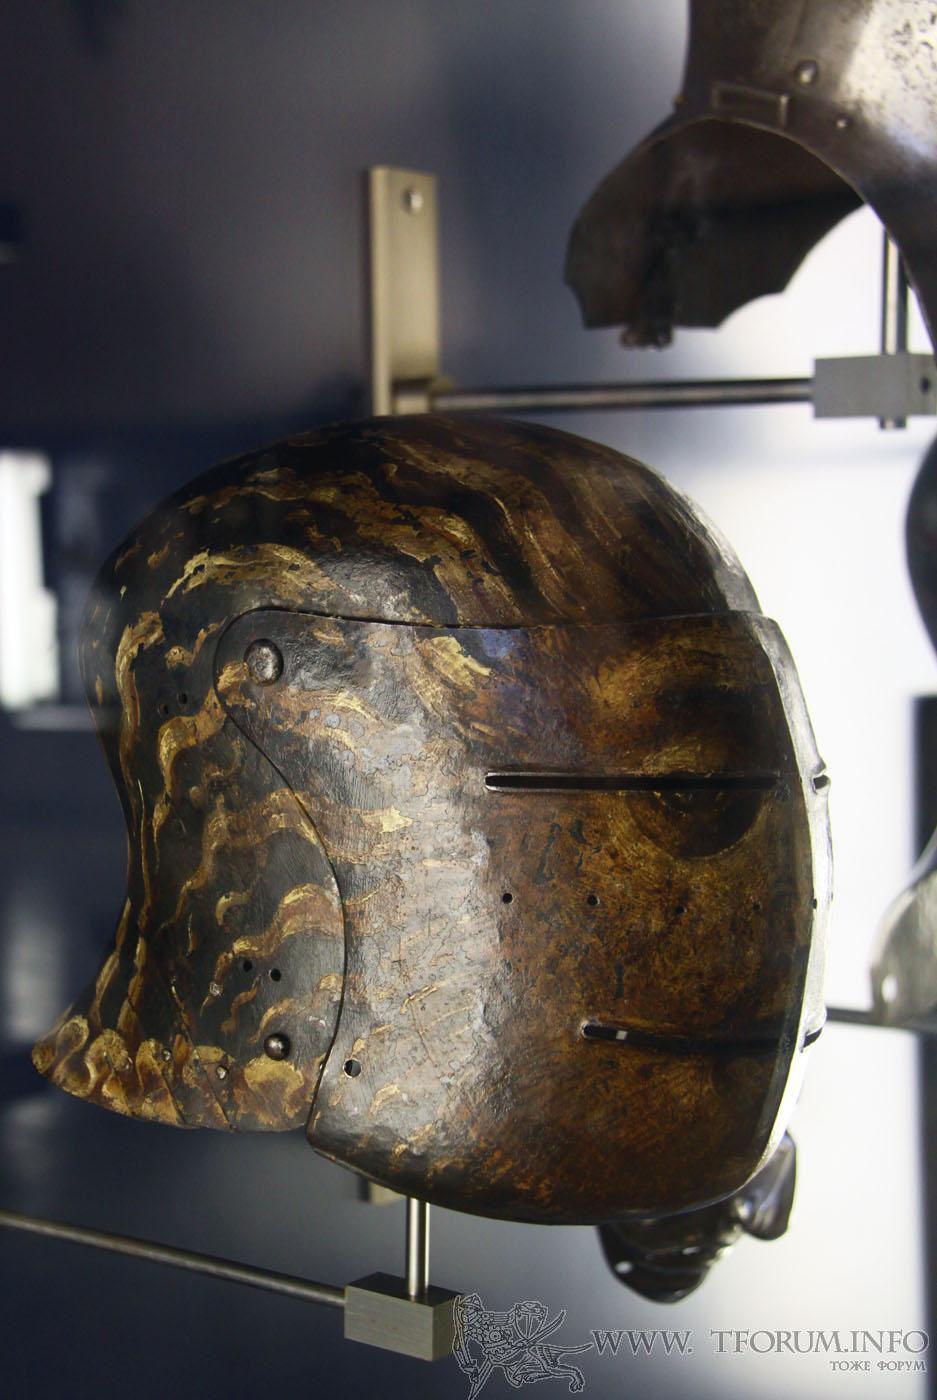 les casques peints XVe Gallery_21852_478_120156